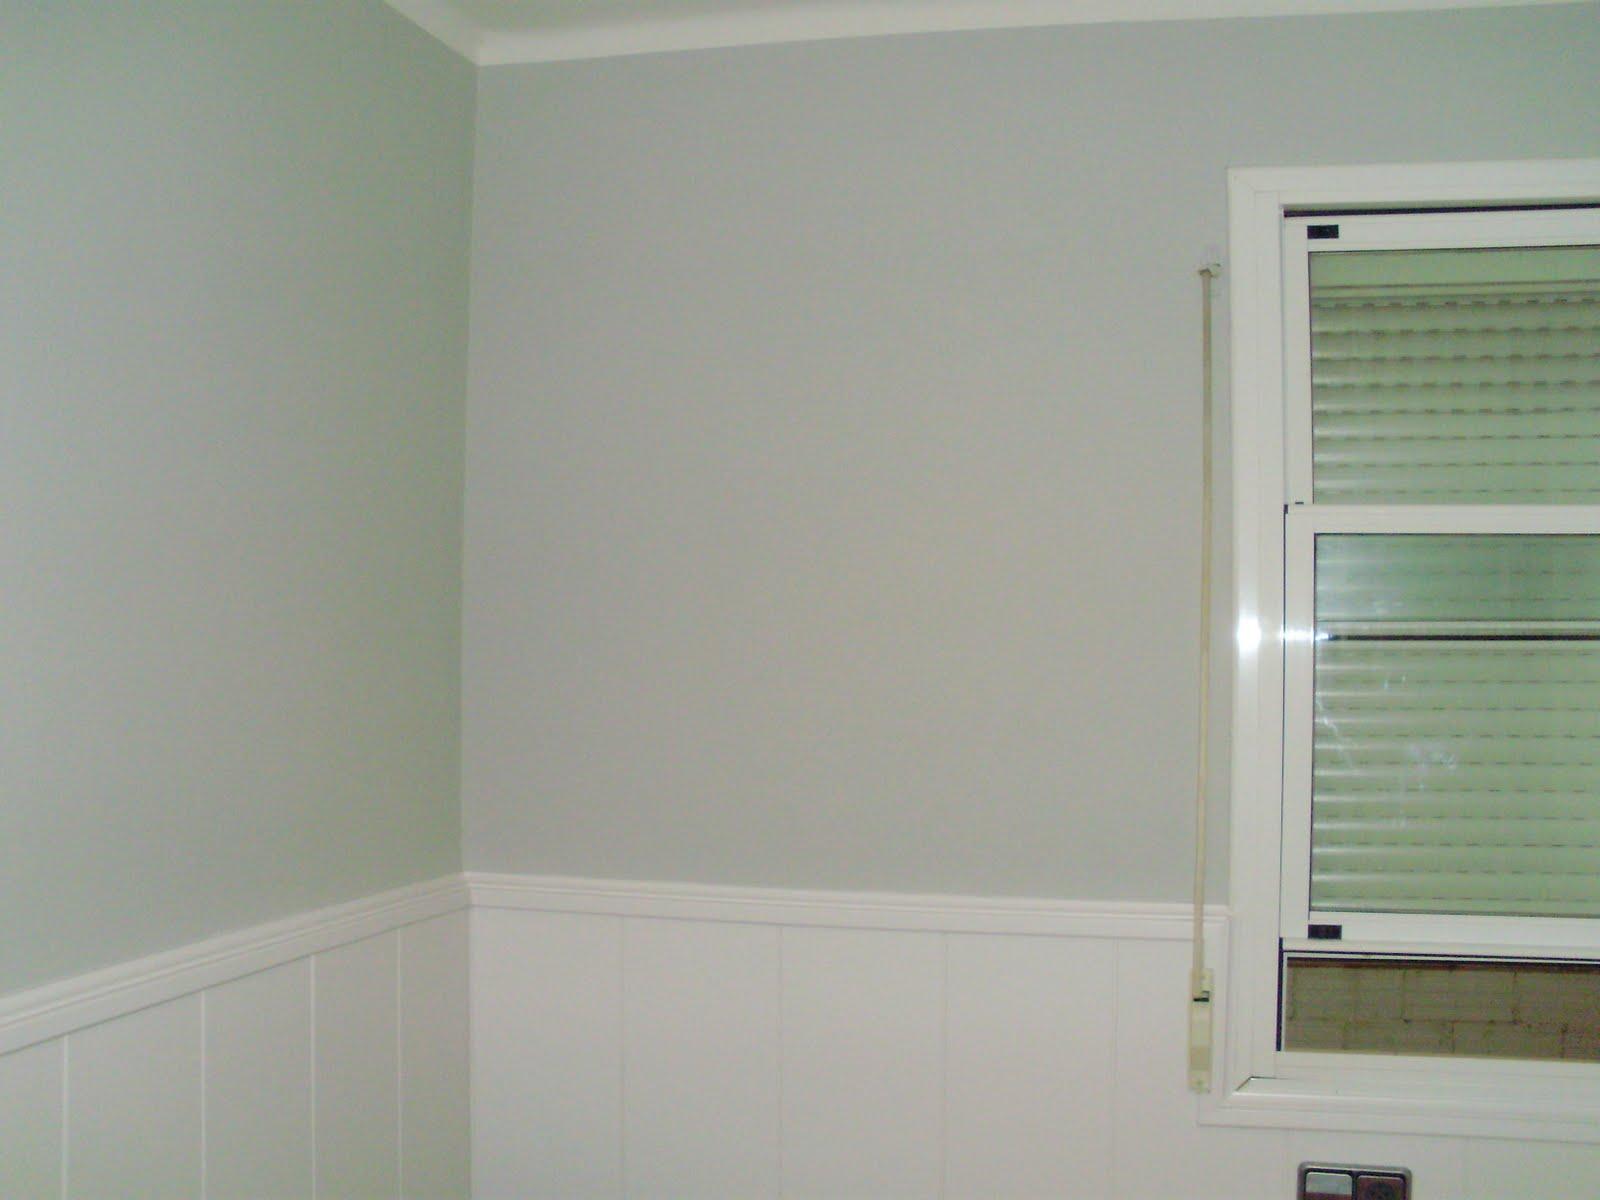 Friso z calo en habitaci n de invitados decorar tu - Habitaciones con friso ...